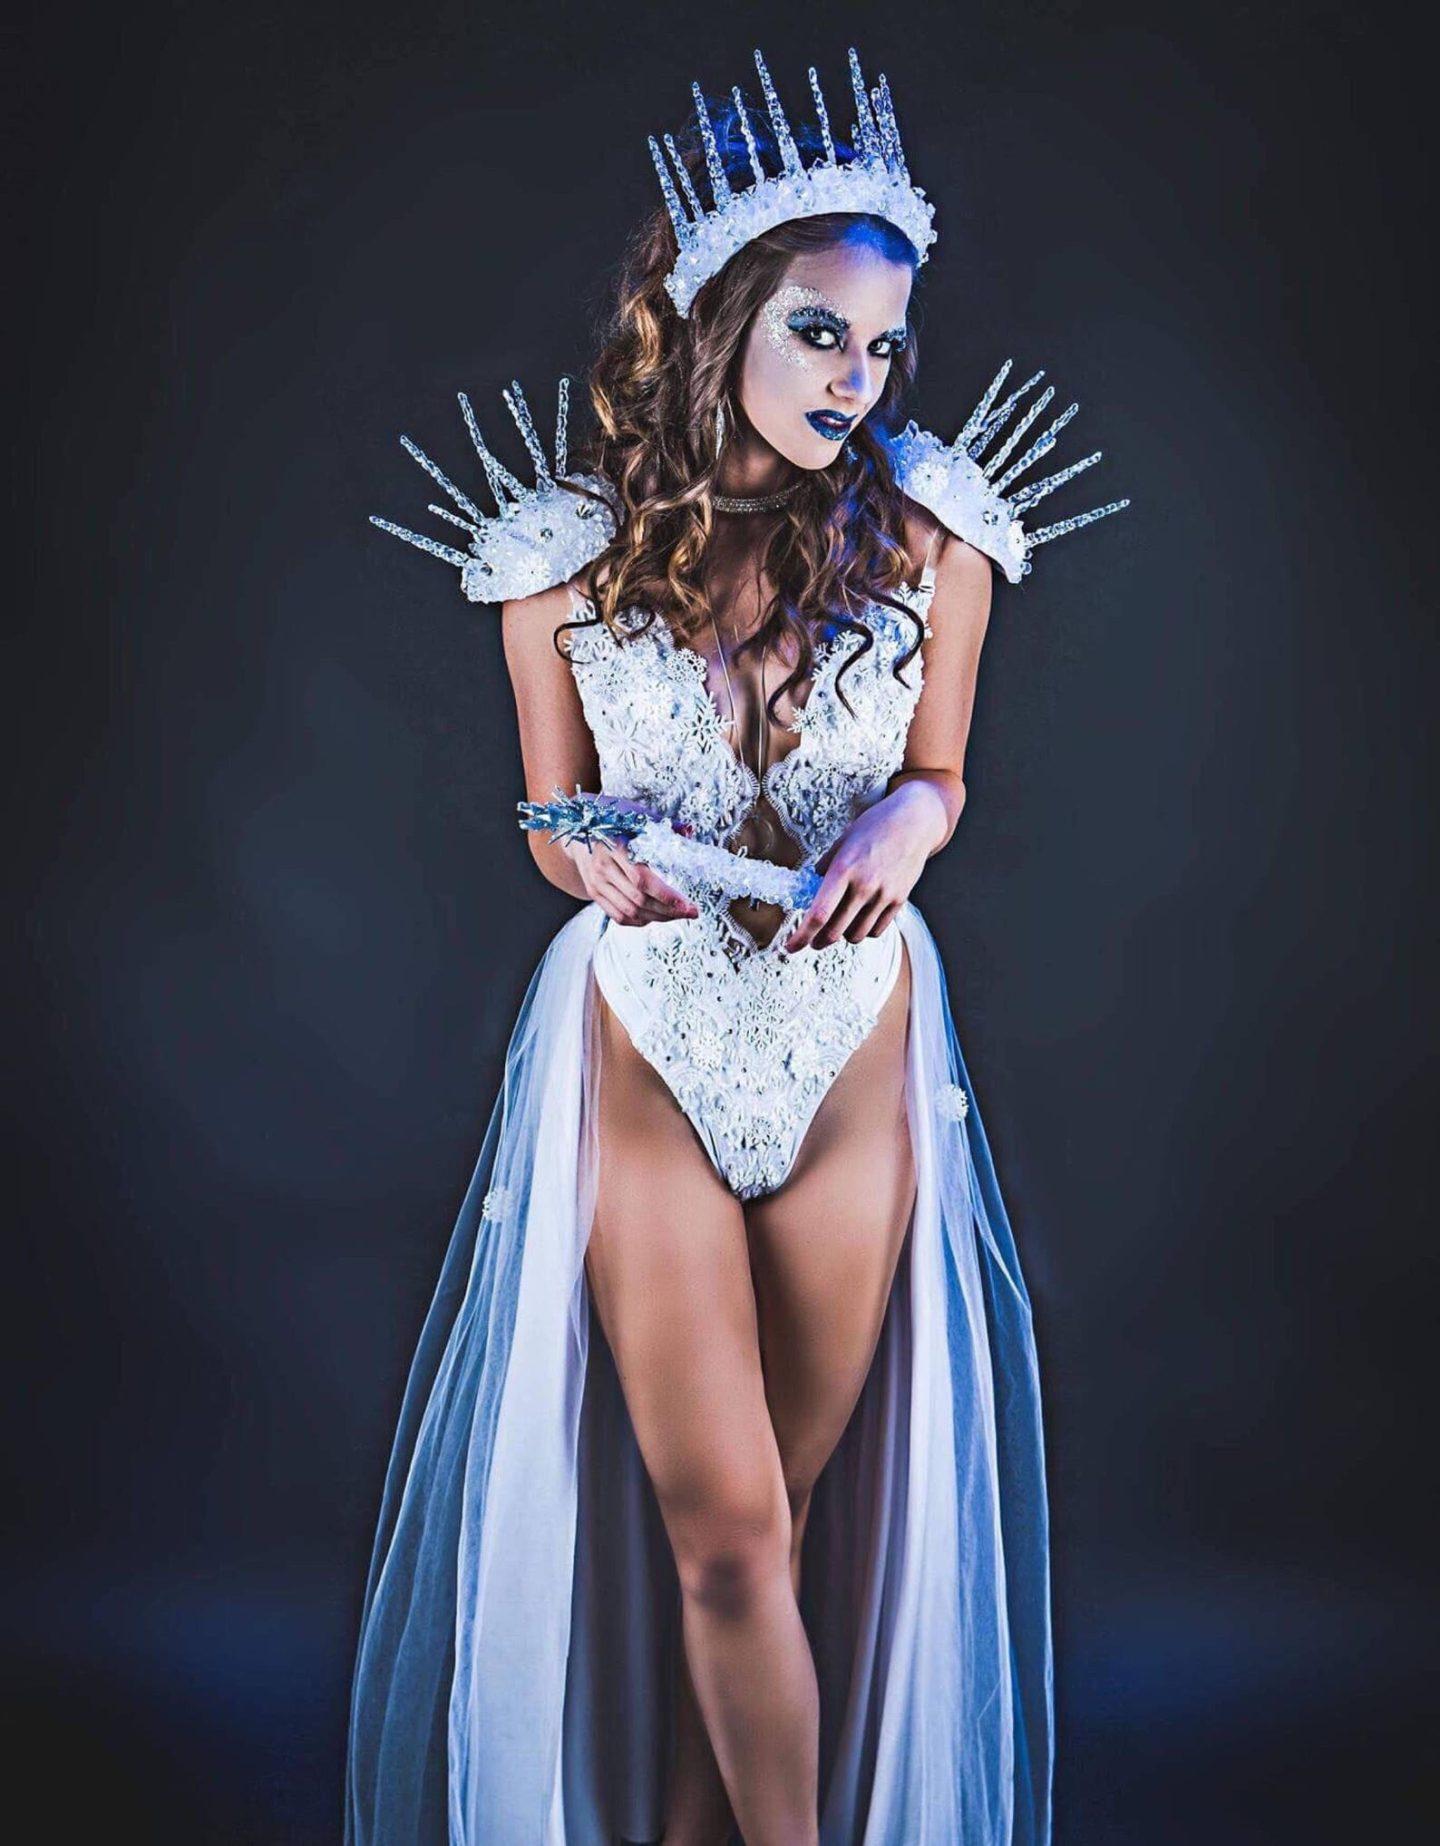 Cute ice queen Halloween costume for women